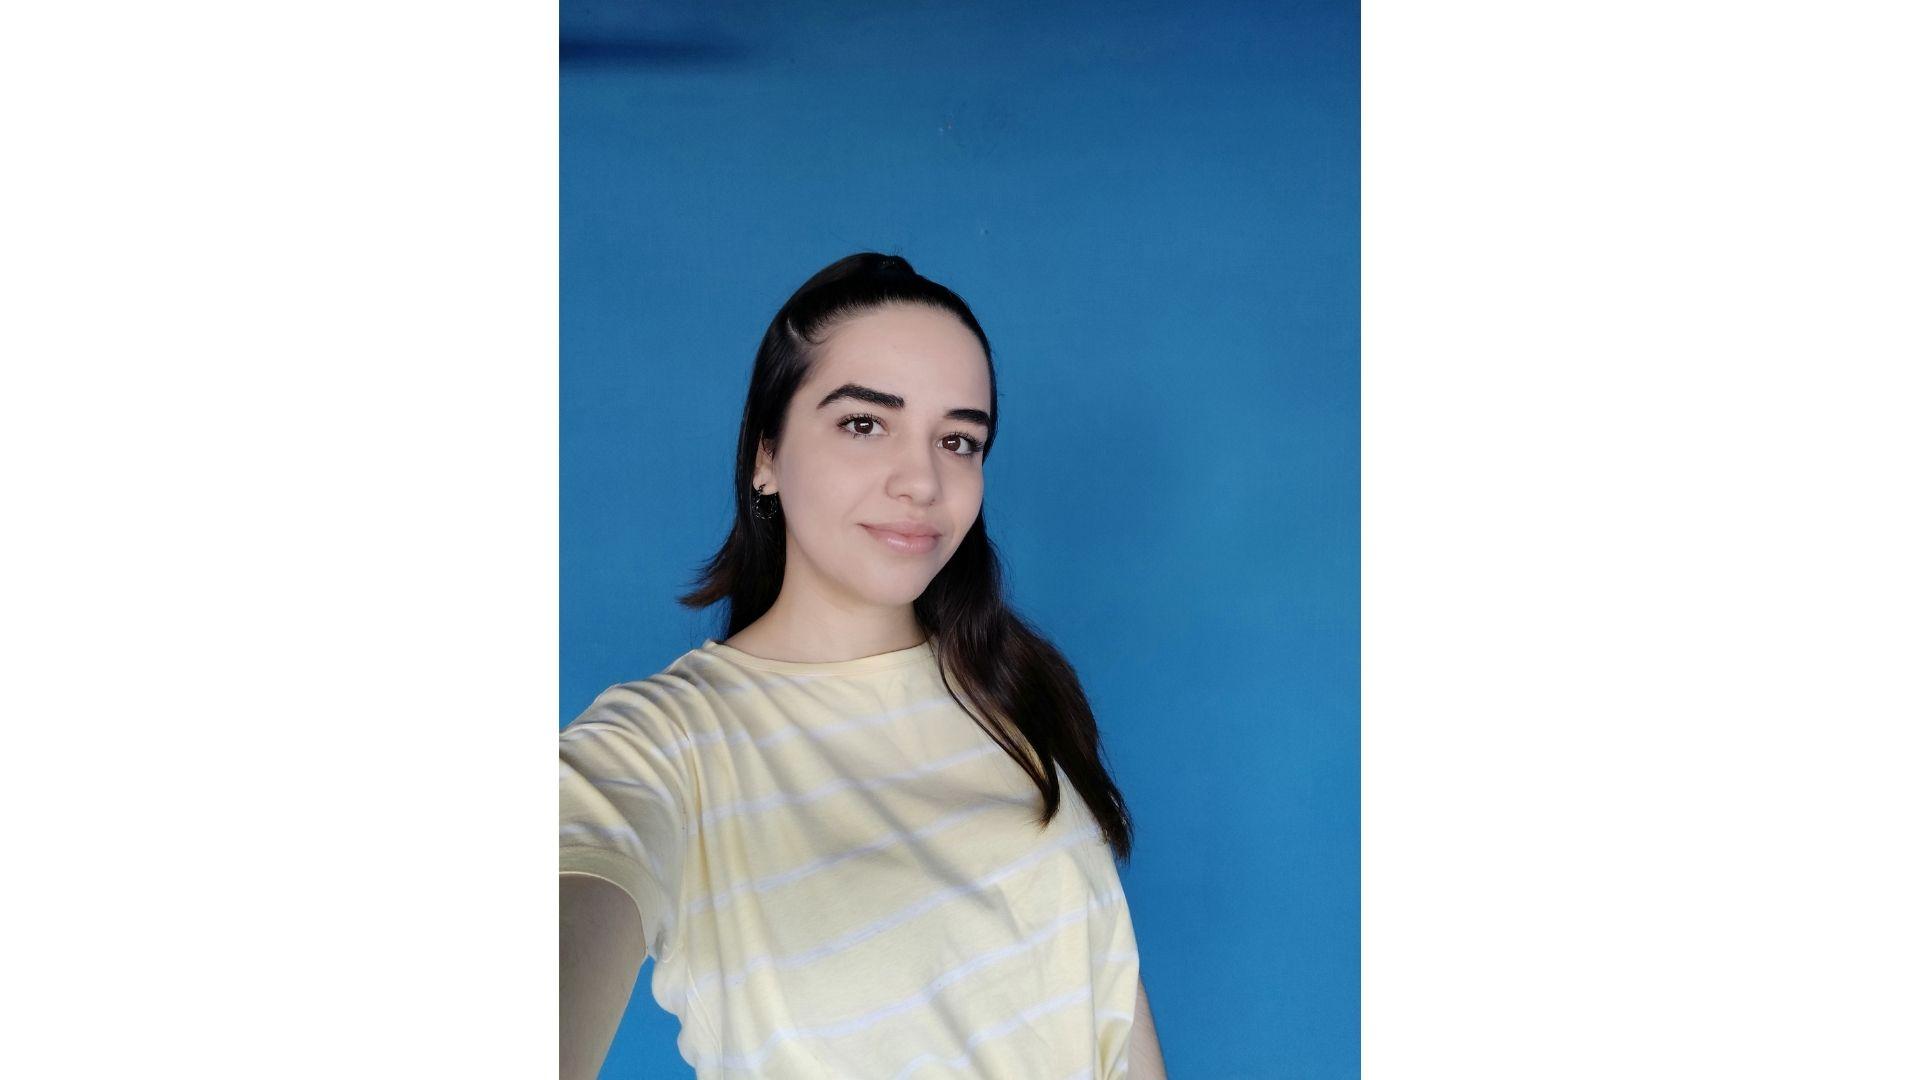 Selfie feita com o Redmi Note 8 (Foto: Aline Batista/Zoom)